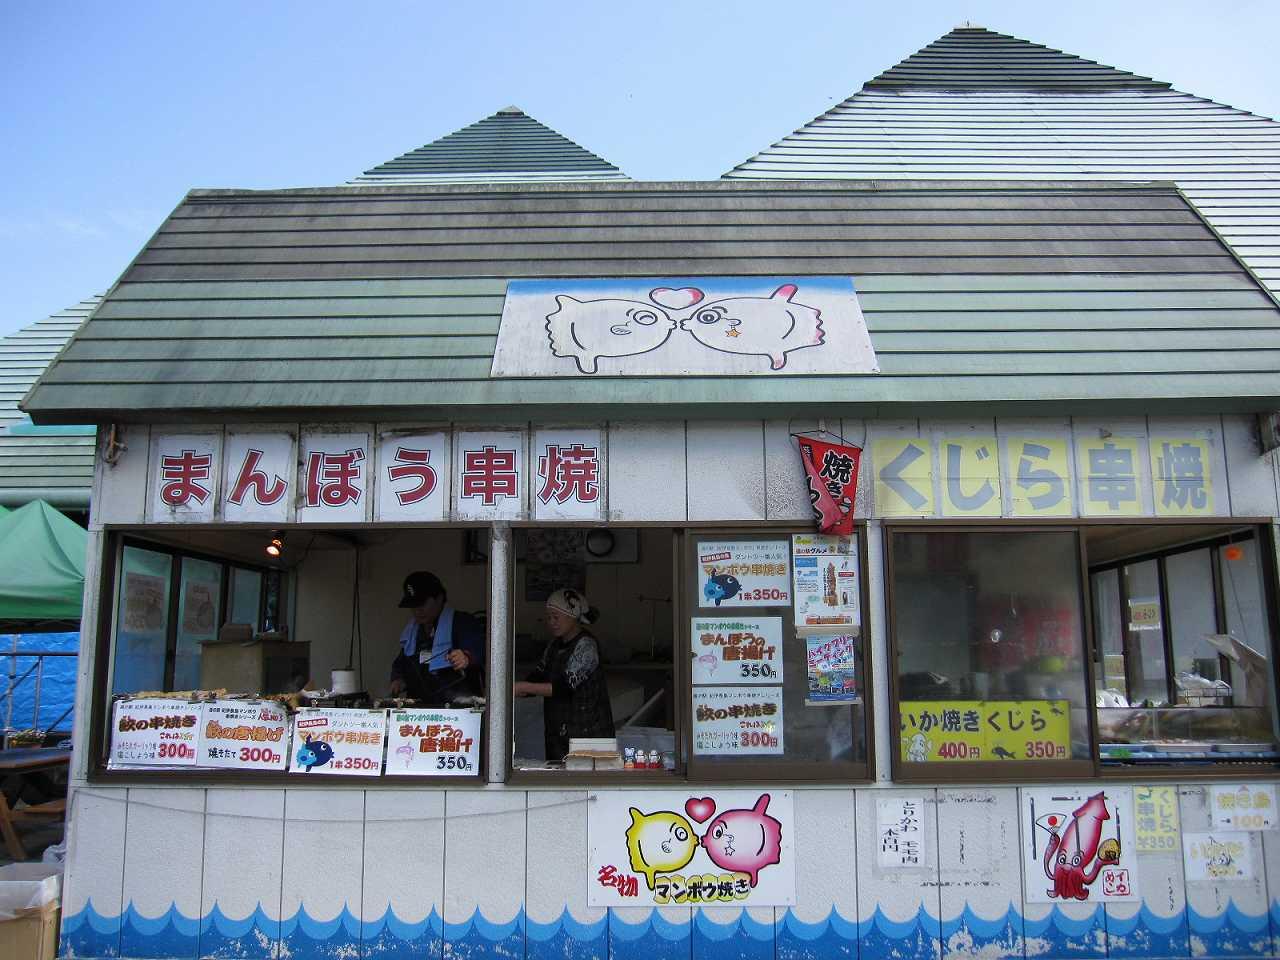 紀伊長島マンボウの屋台